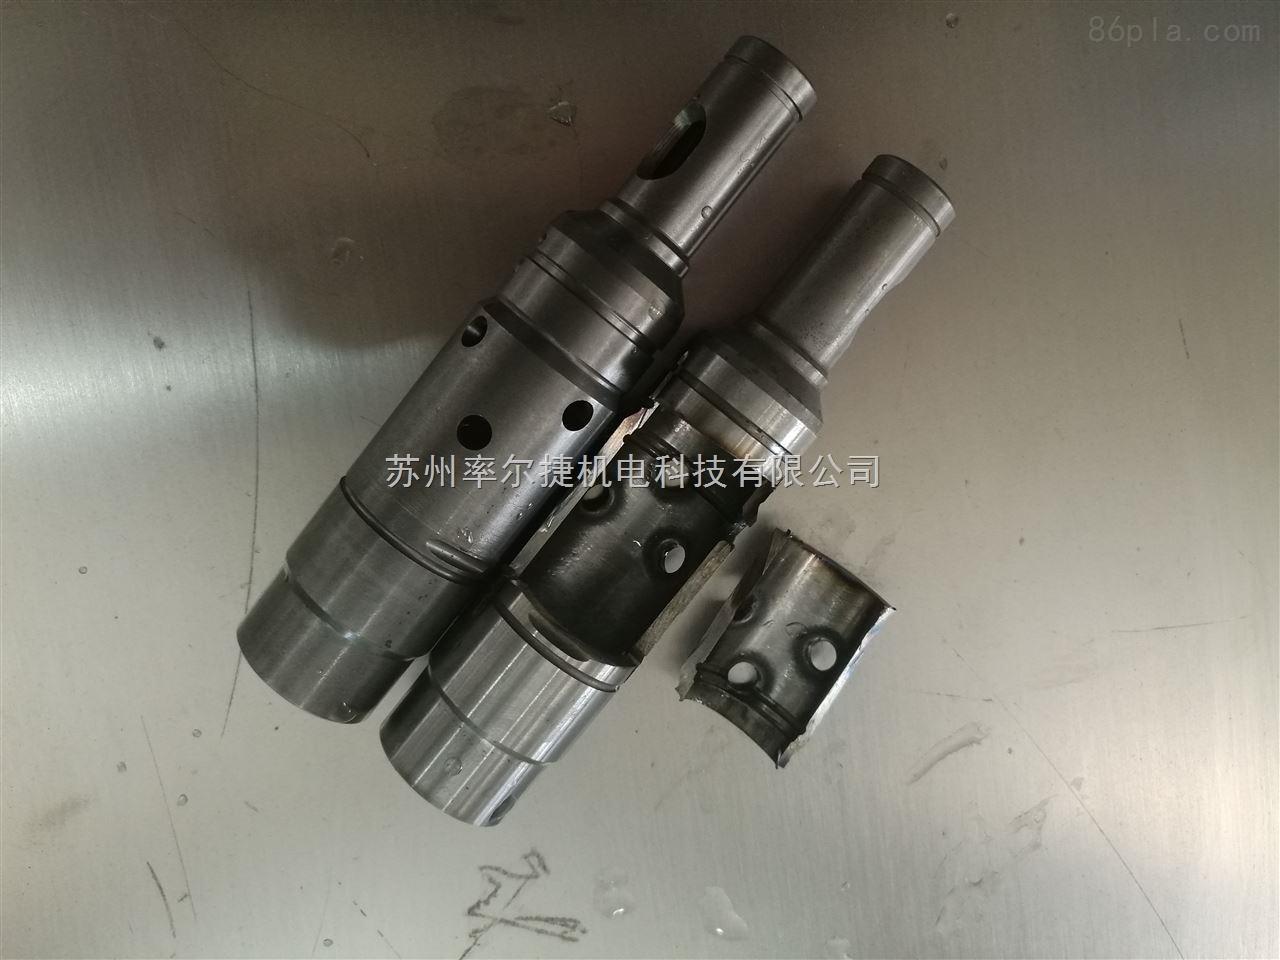 djk6032 电镐气缸电锤气缸交叉气孔去毛刺设备图片